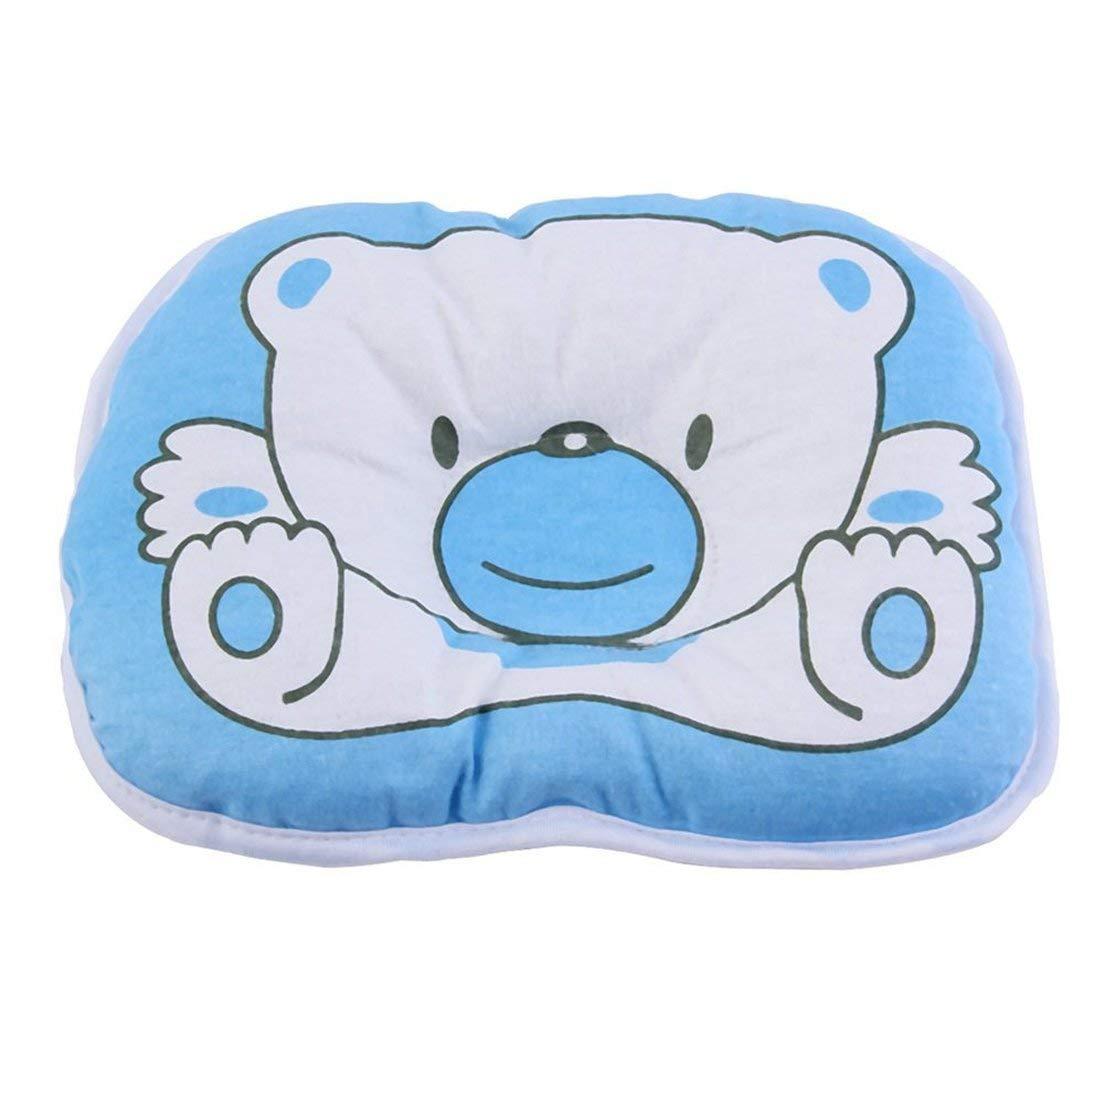 Color:blue Precioso oso lindo patr/ón de dibujos animados almohada reci/én nacido beb/é apoyo coj/ín almohadilla prevenir cabeza plana almohada de algod/ón para beb/é Kaemma